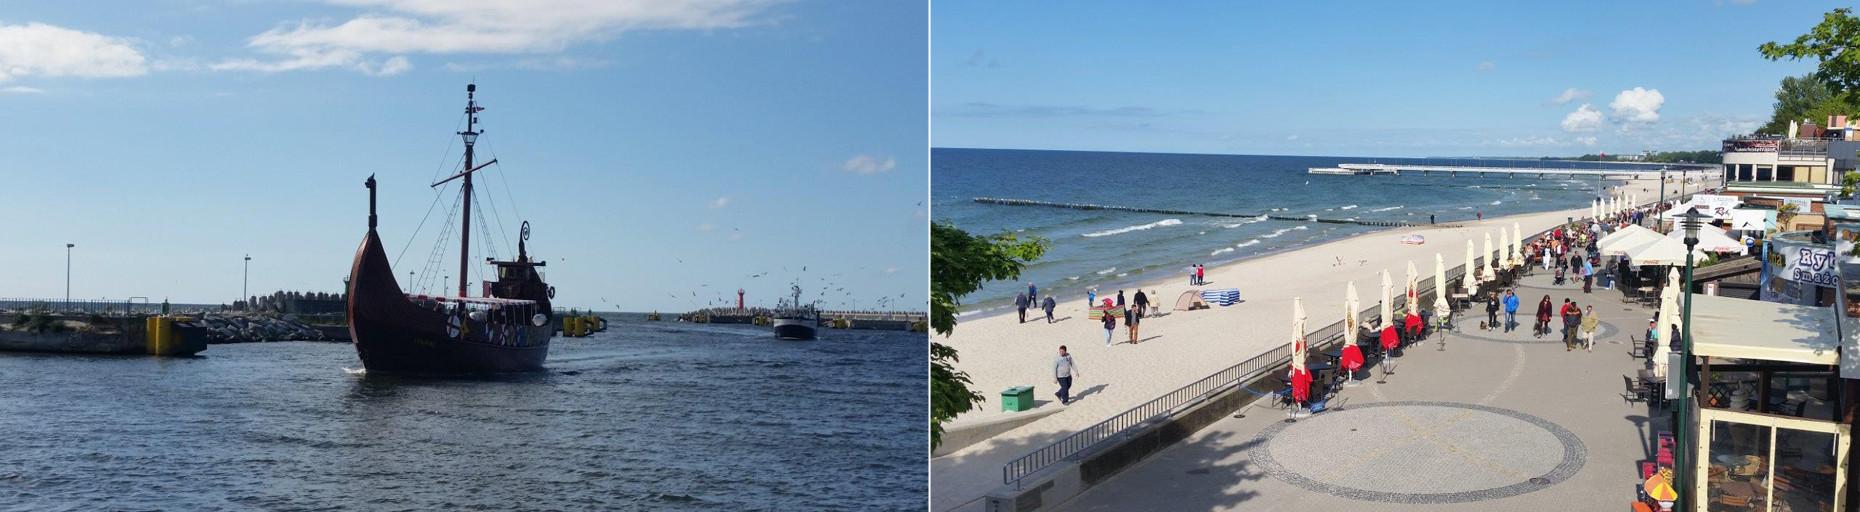 Kołobrzeg port i molo - atrakcje nad morzem - Pobierowo domki